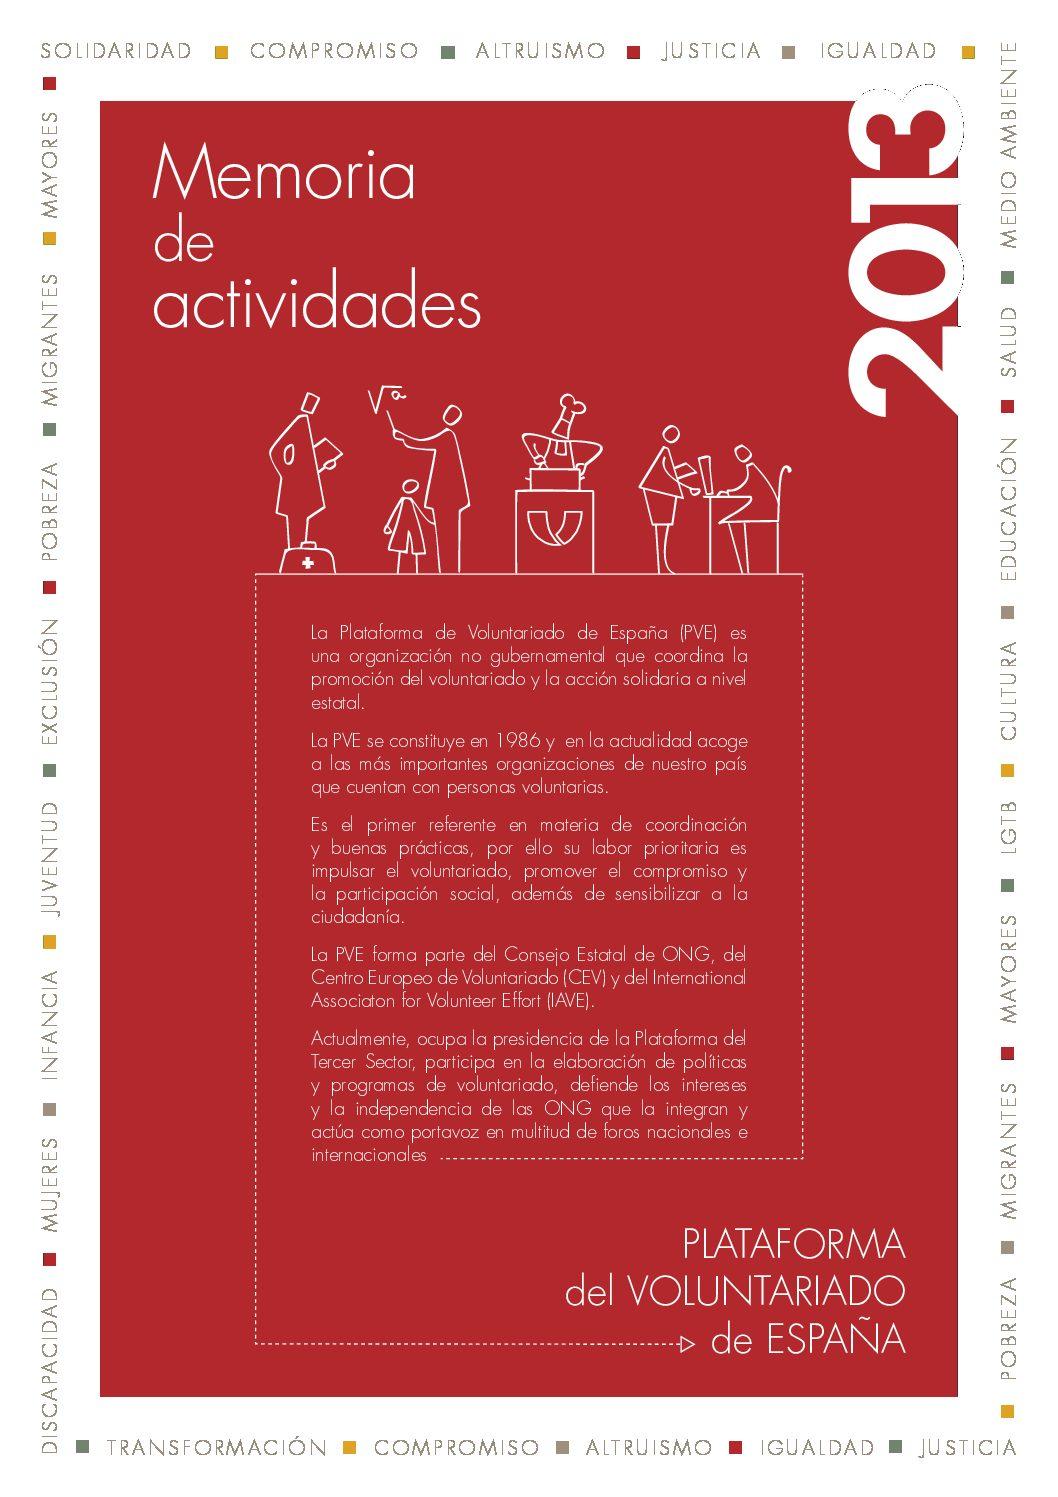 memoria-de-actividades-2013-plataforma-del-voluntariado-de-espana